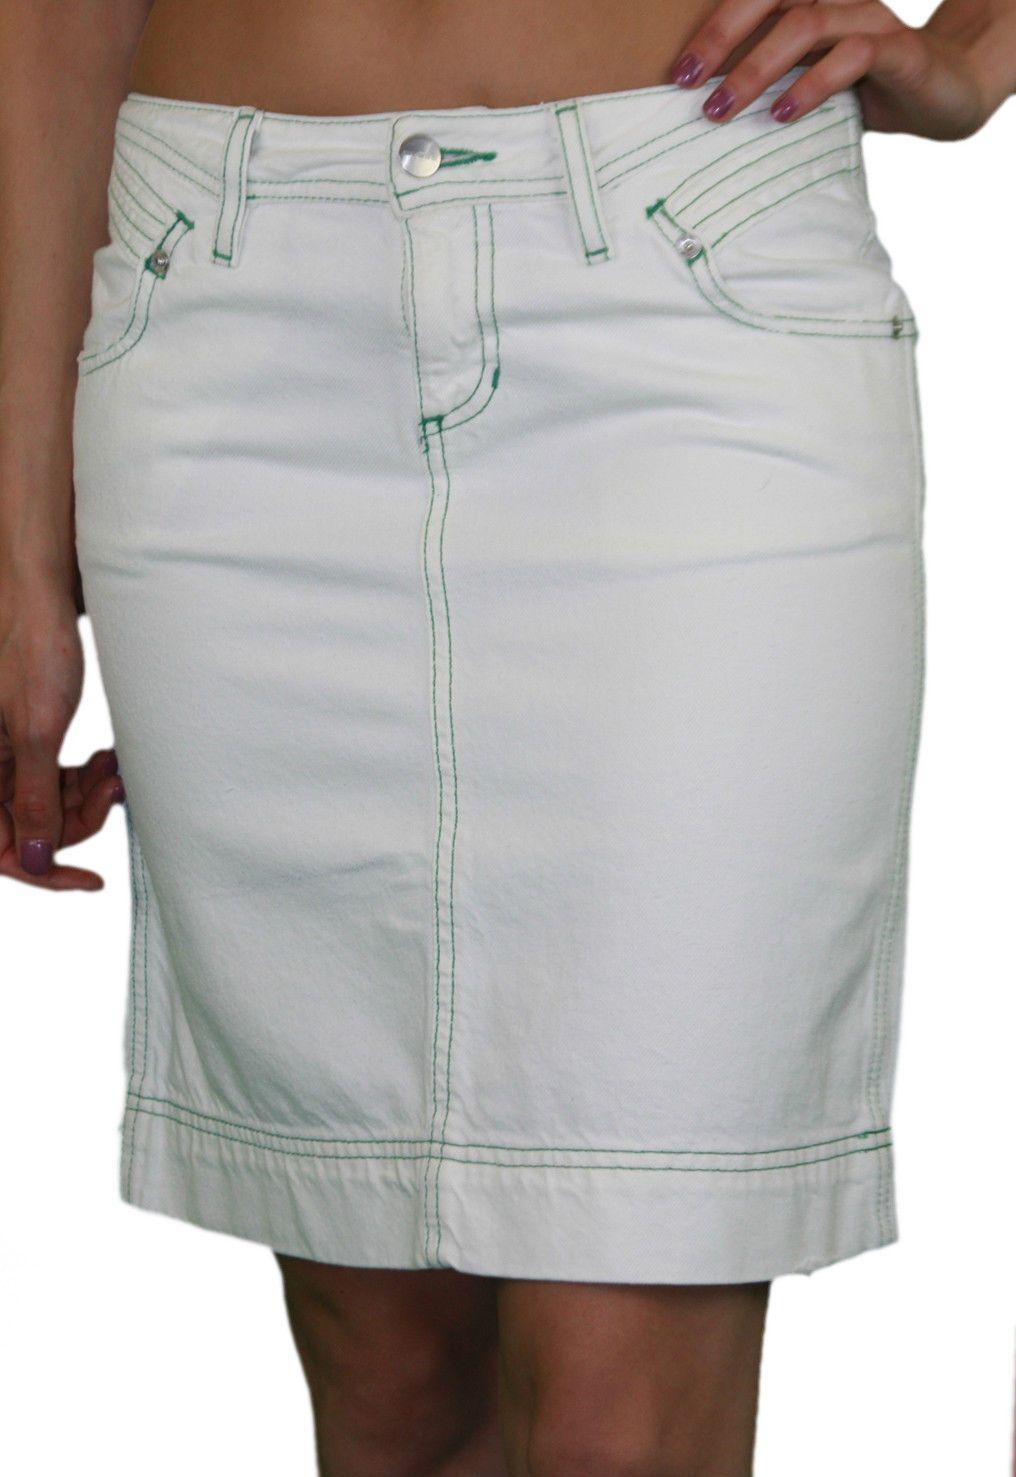 53bf4fcdcd57 Details about CUSTO BARCELONA Women's Start White Denim Skirt 293536 ...